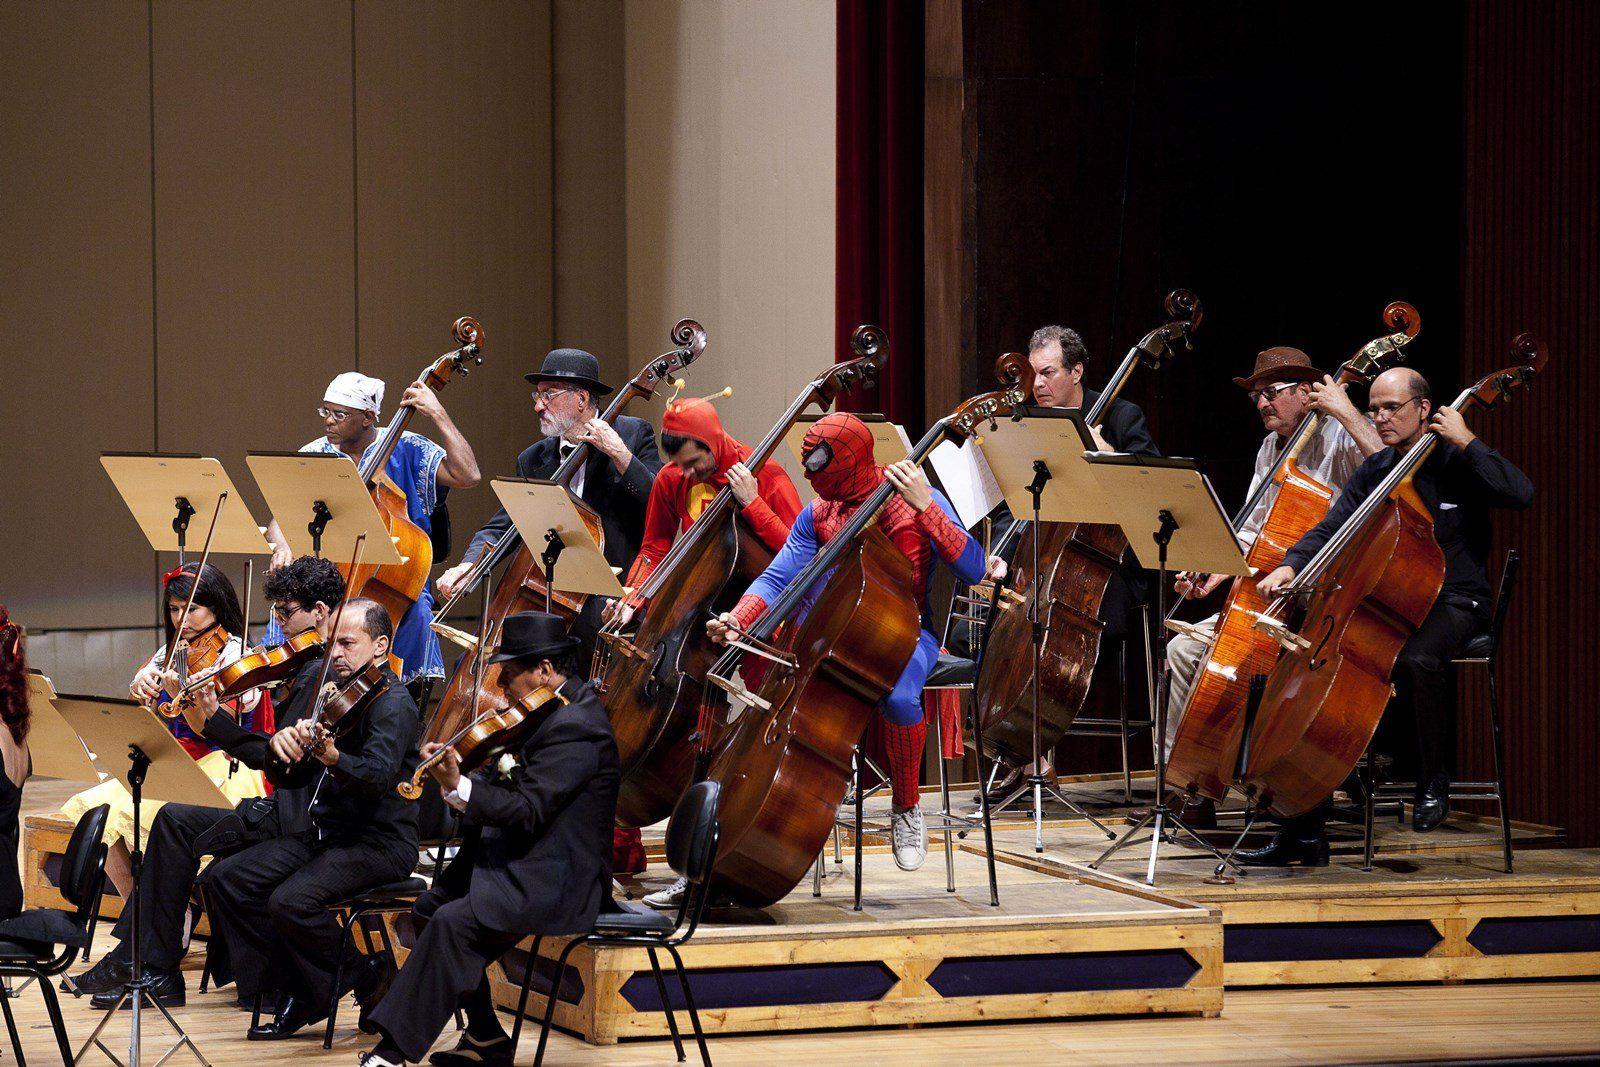 No dia 20, às 19h, a Orquestra Sinfônica da Bahia (OSBA) realiza uma apresentação do projeto Cine Concerto, sob a regência do maestro Carlos Prazeres, no município de Feira de Santana, na Praça da Matriz, com entrada Catraca Livre.